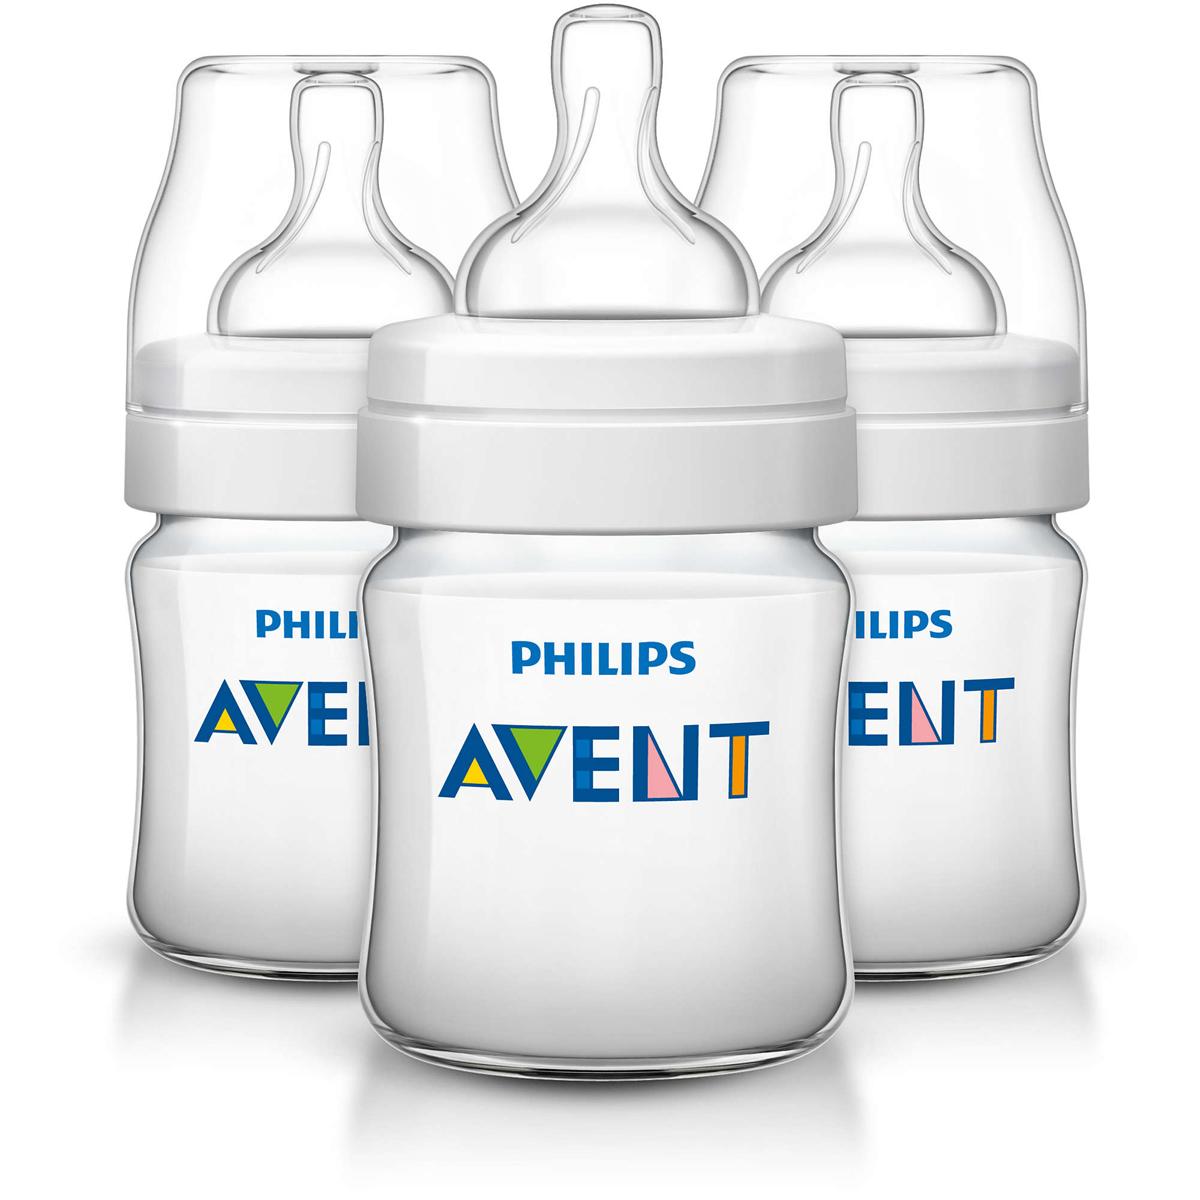 Philips Avent Бутылочка 125 мл, 3 шт. Соска с потоком для новорожденного SCF560/37